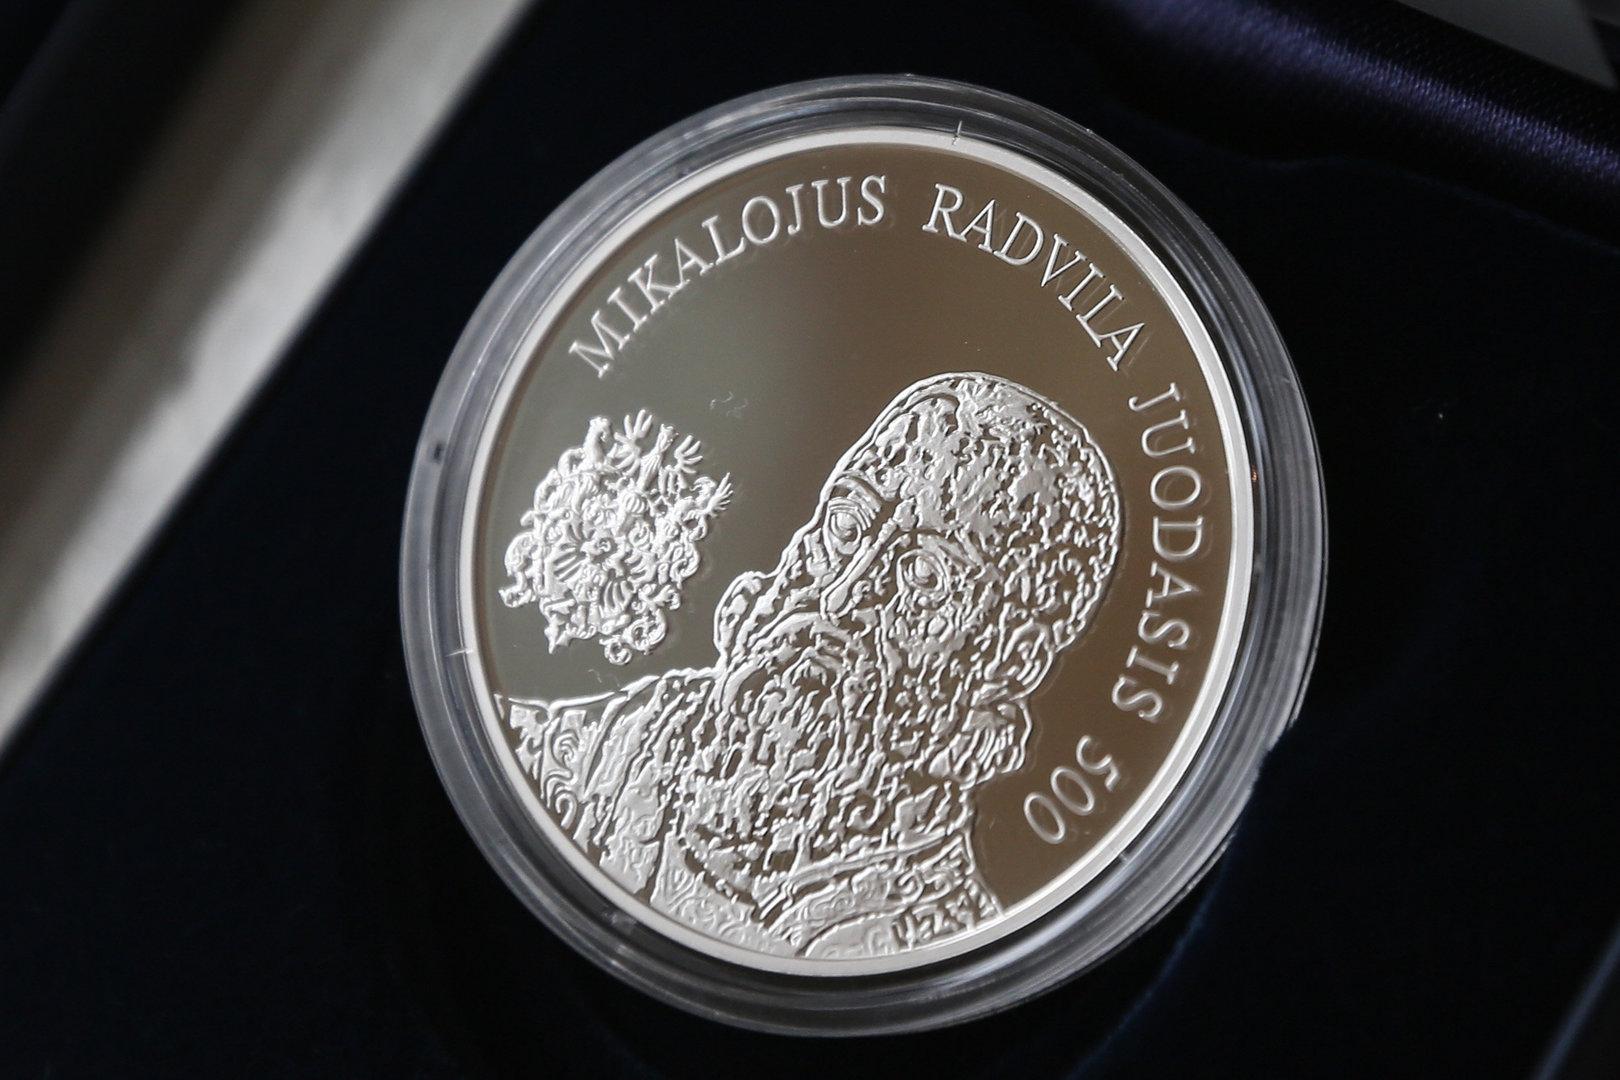 Sidabro monetos kaina